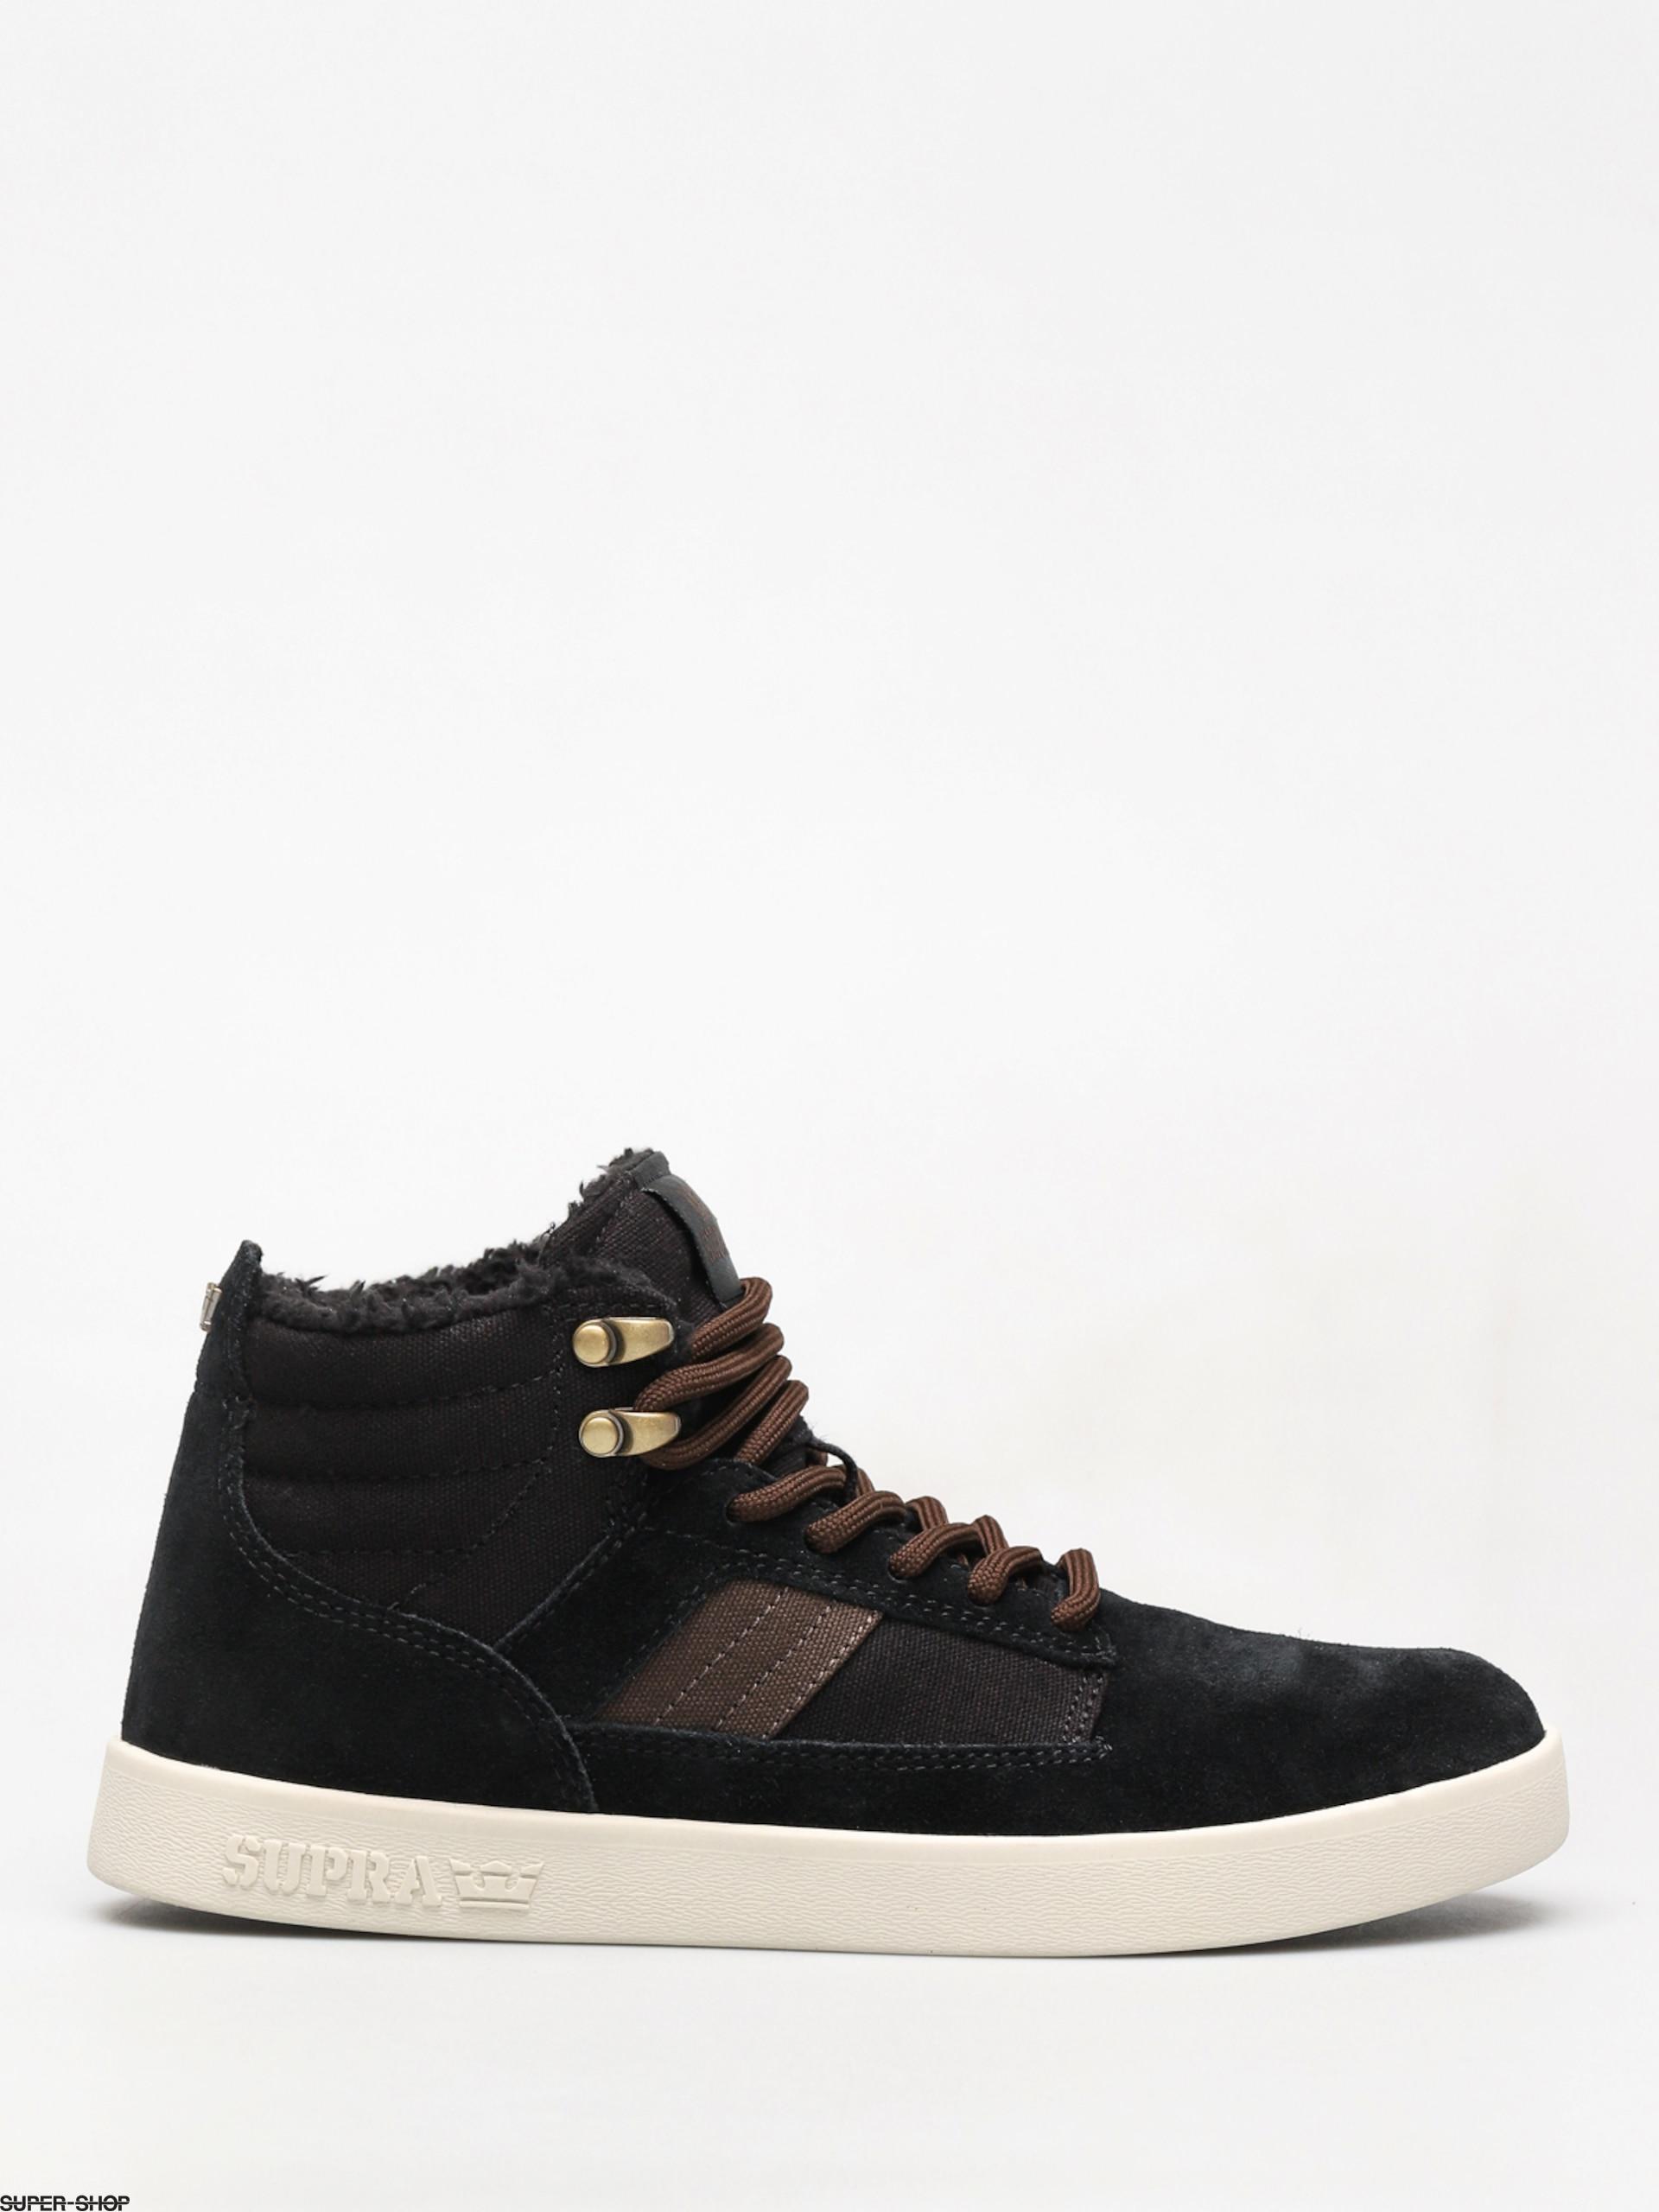 68a8cc1fba23 998672-w1920-supra-bandit-shoes-black-bone.jpg